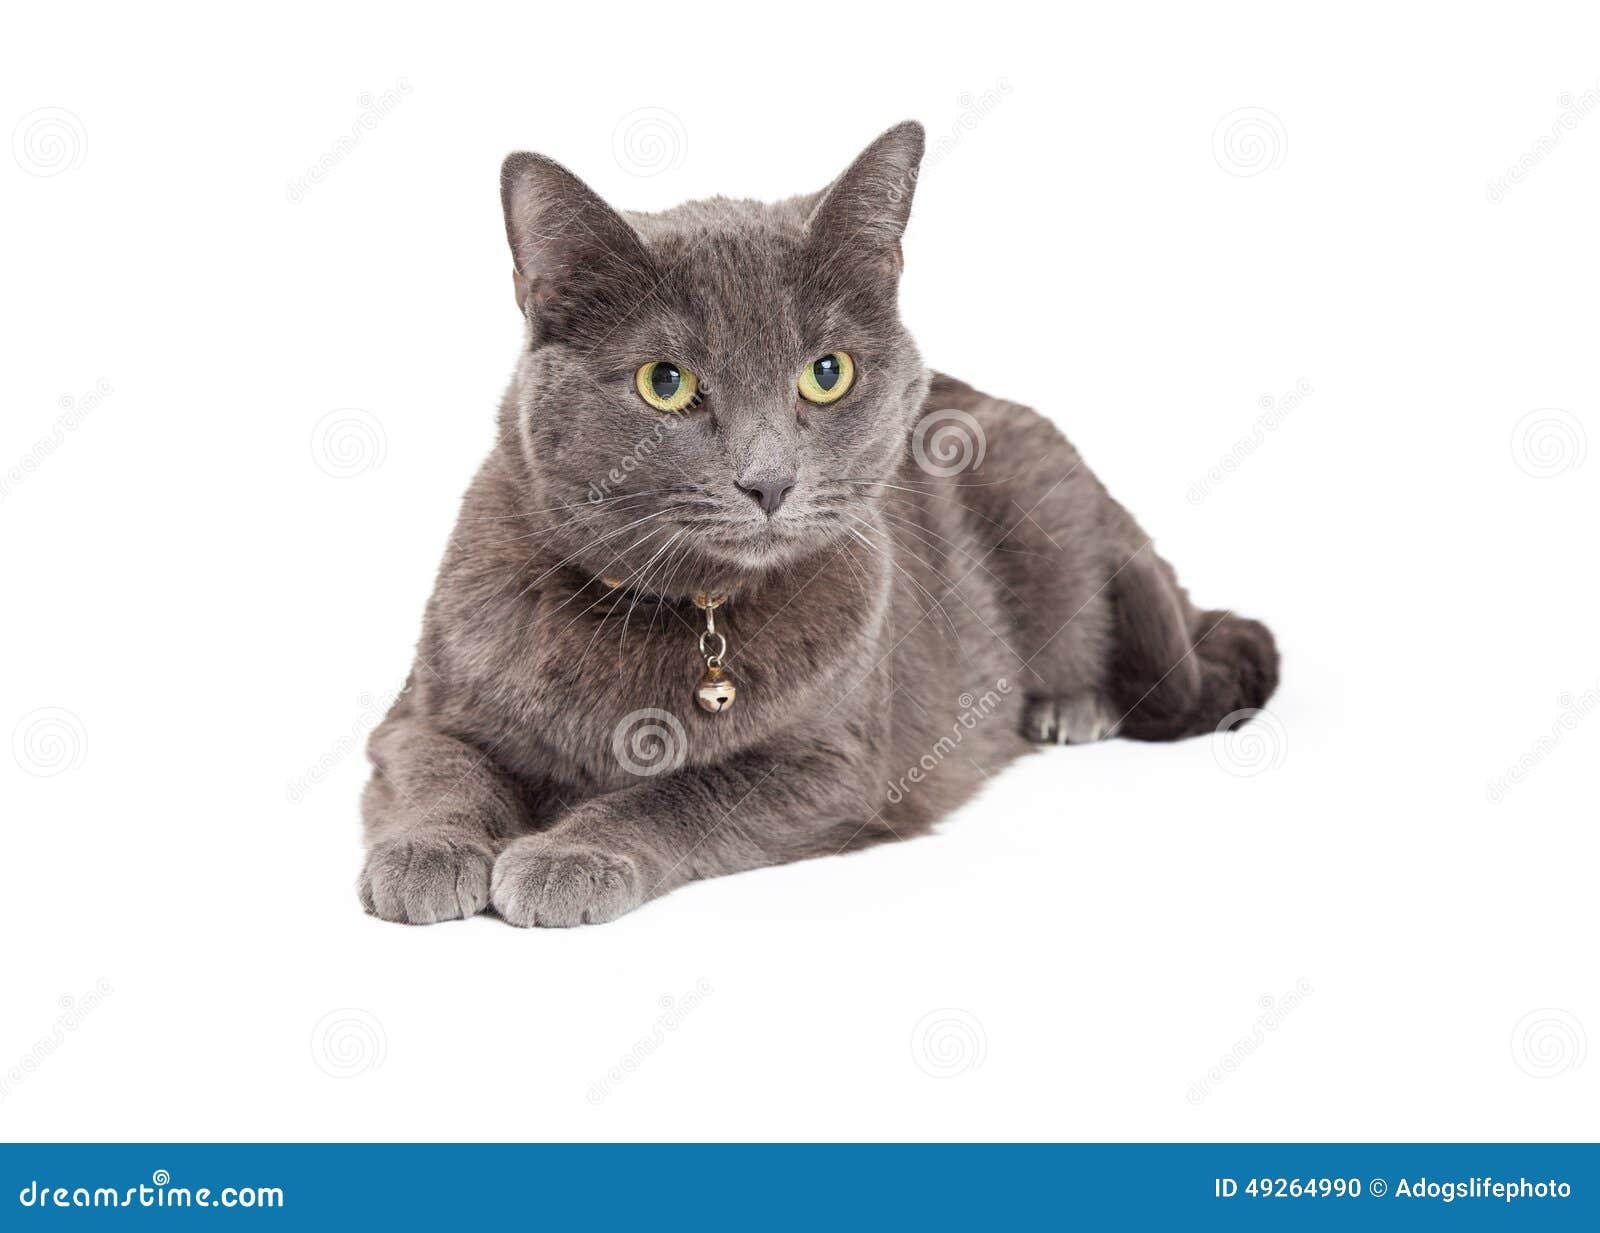 All White Shorthair Cat